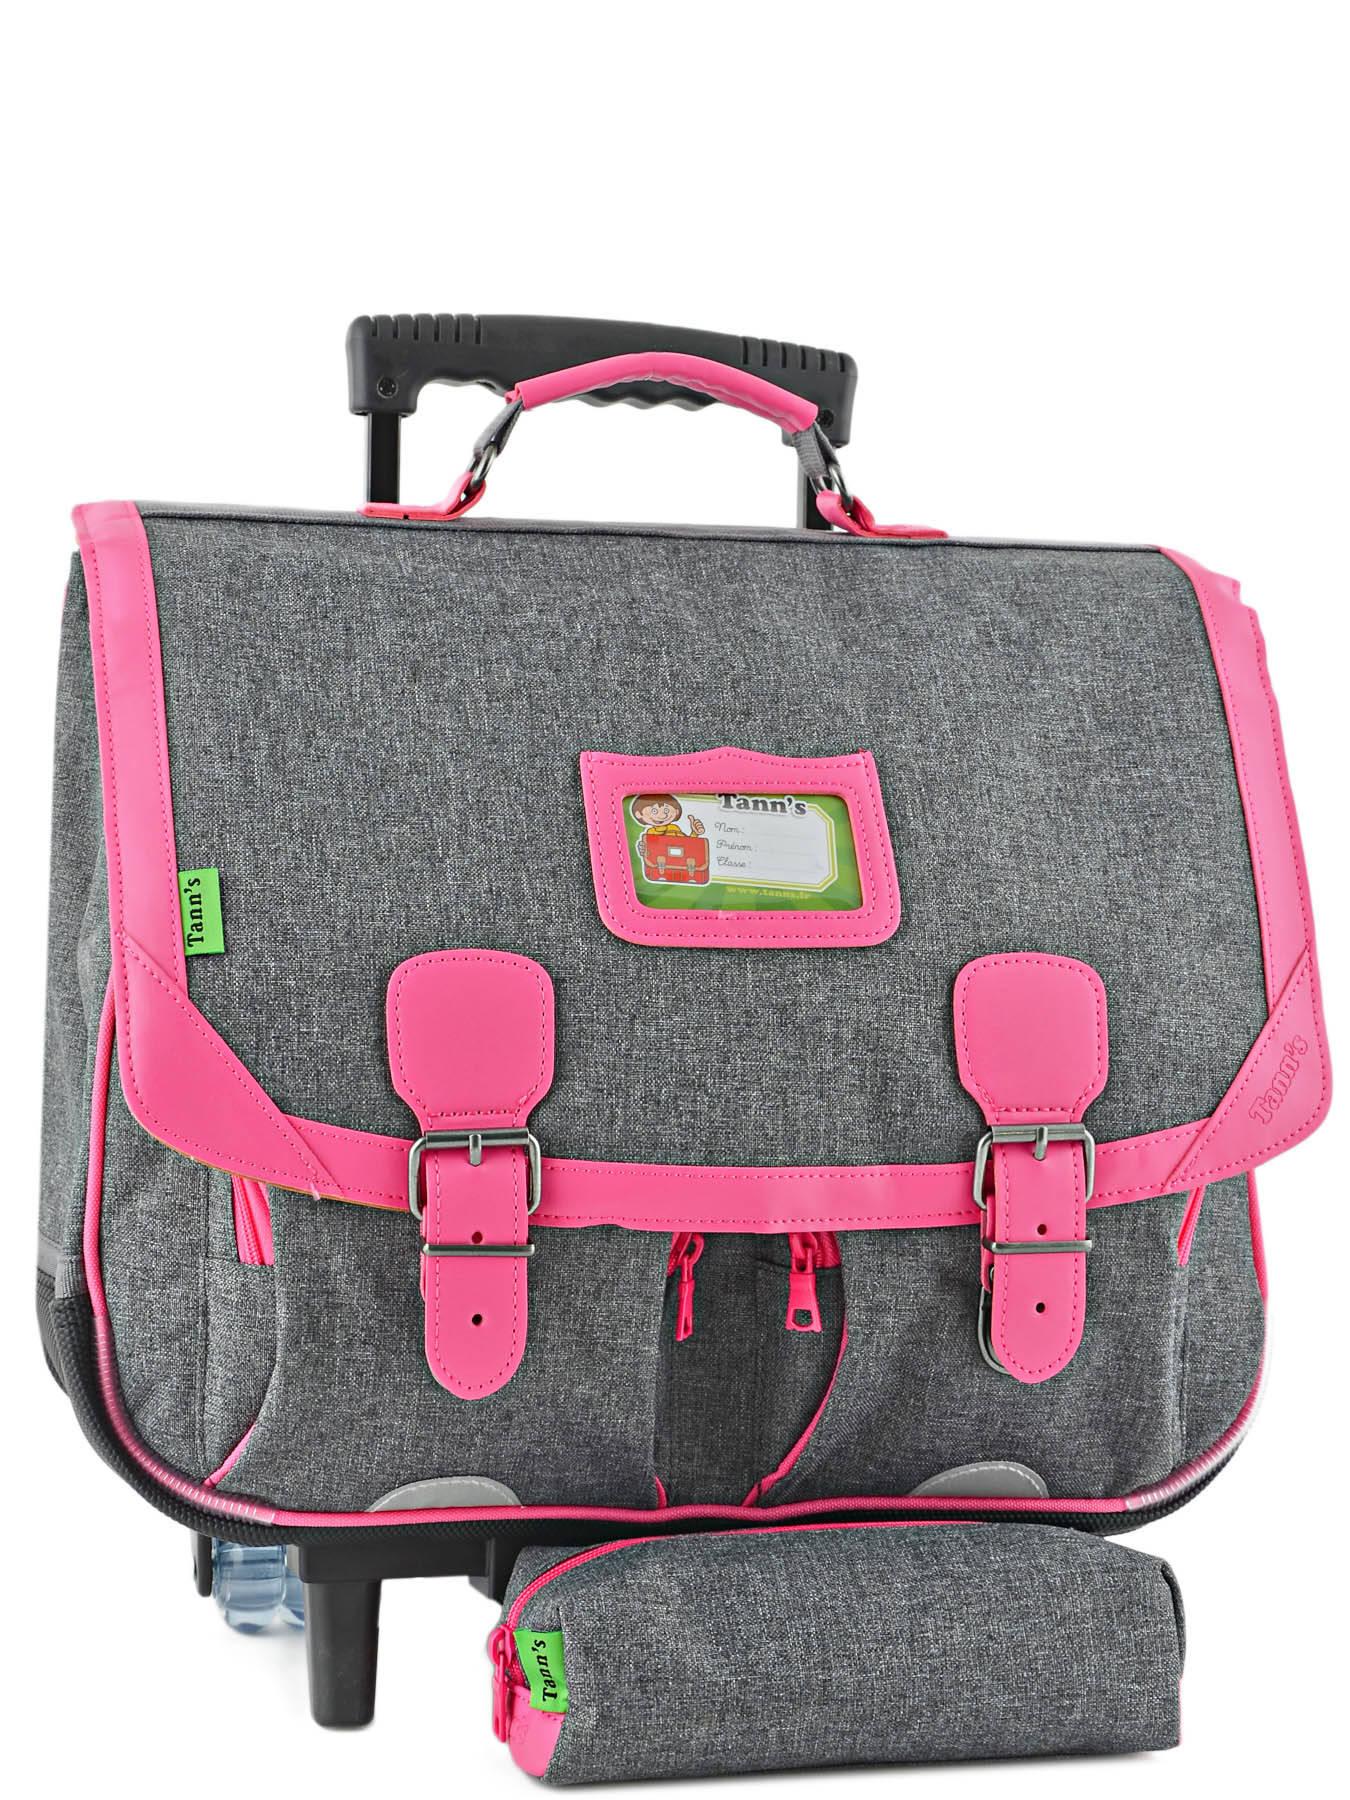 Un cartable à roulettes lui évitera de porter ses fournitures scolaires sur  le dos.Cartable Fille Primaire. correspond pleinement pour la rentrée en  cm1. 14629b7cde49